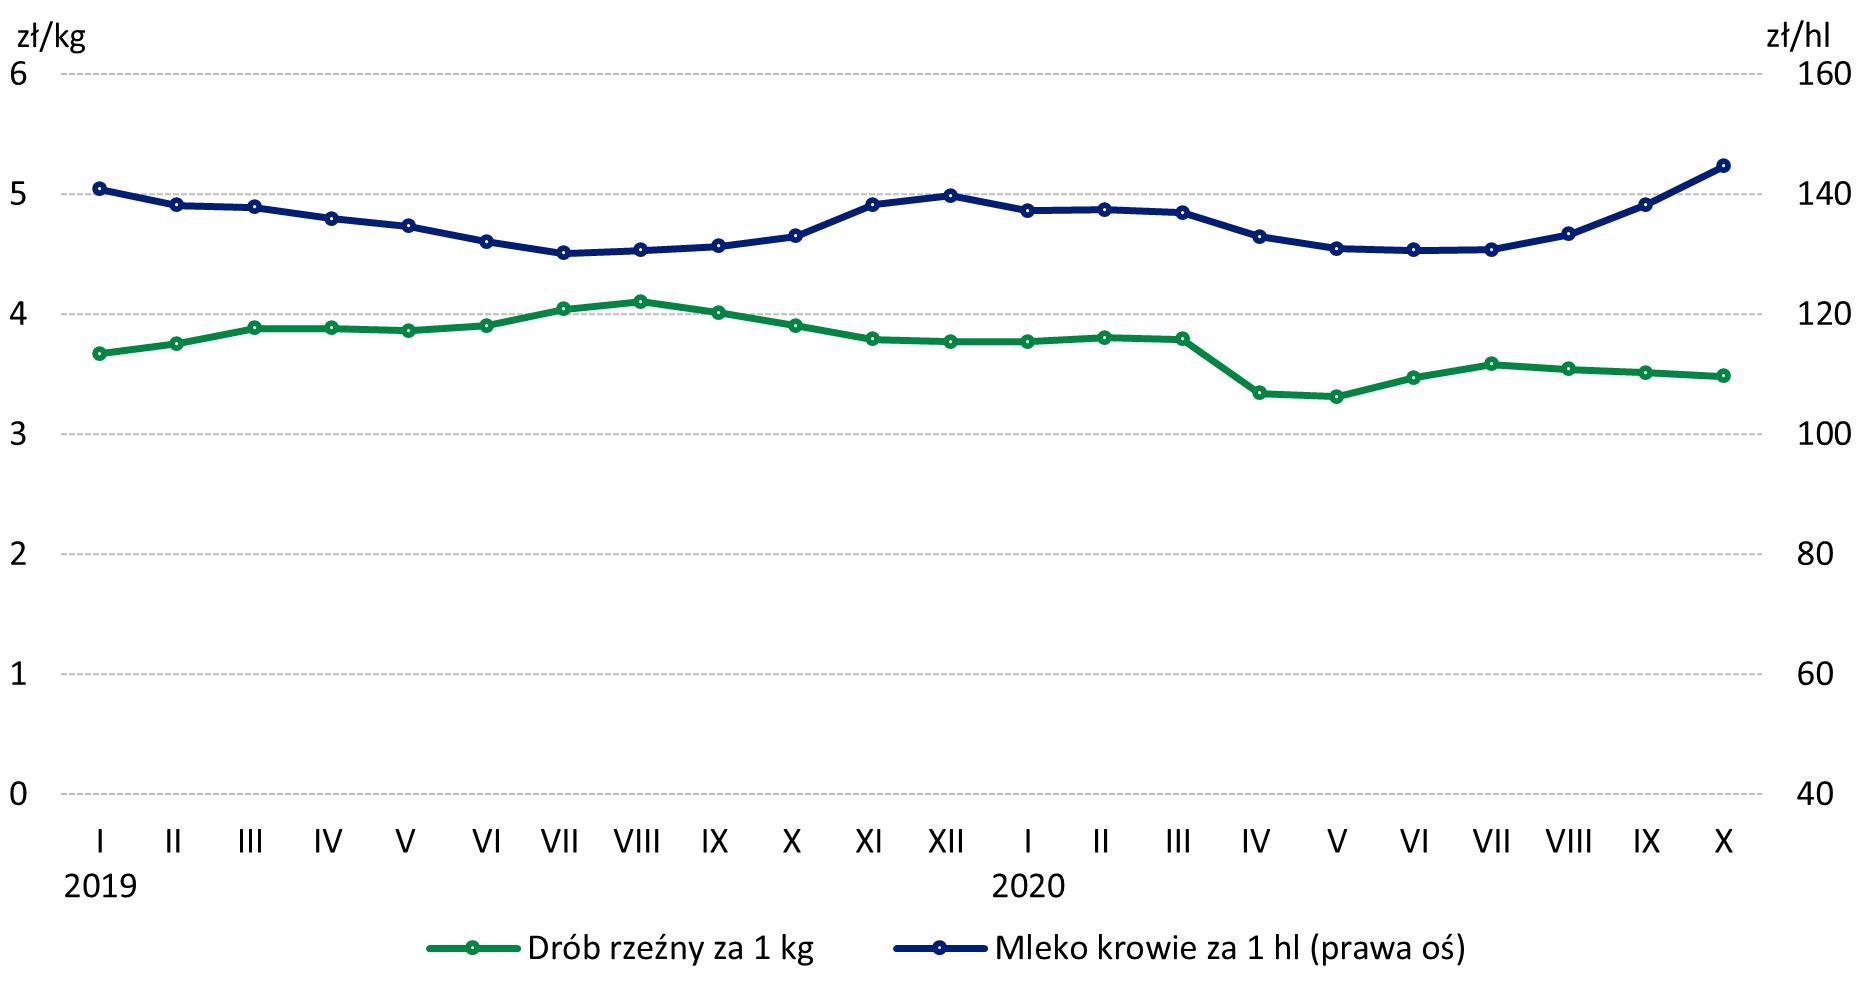 Wykres 6. Ceny skupu drobiu rzeźnego i mleka